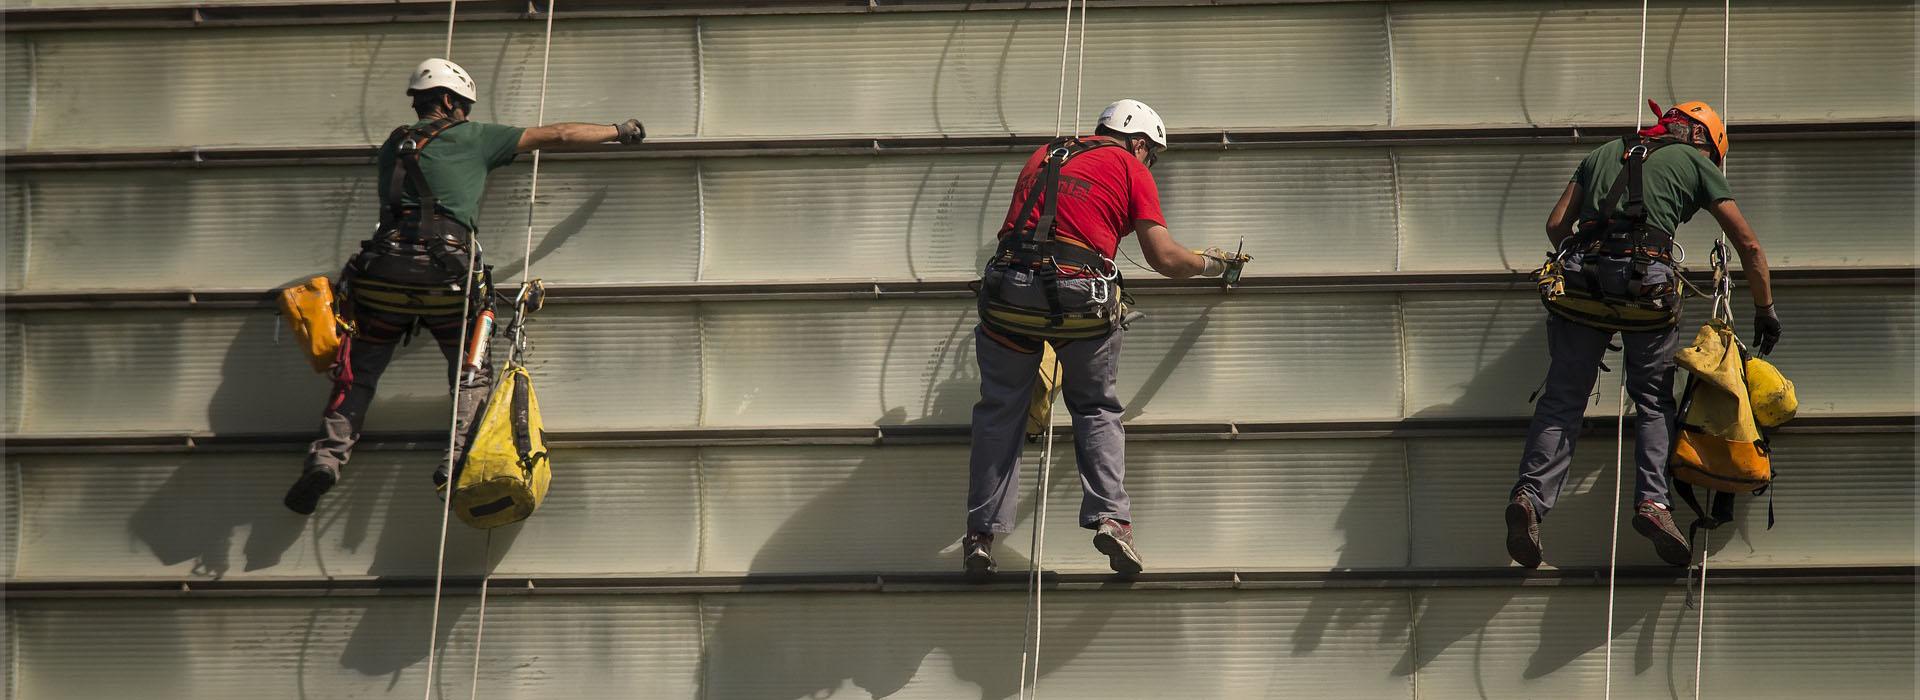 <small>Prace wysokościowe</small>Z dachu lub z wysięgnika